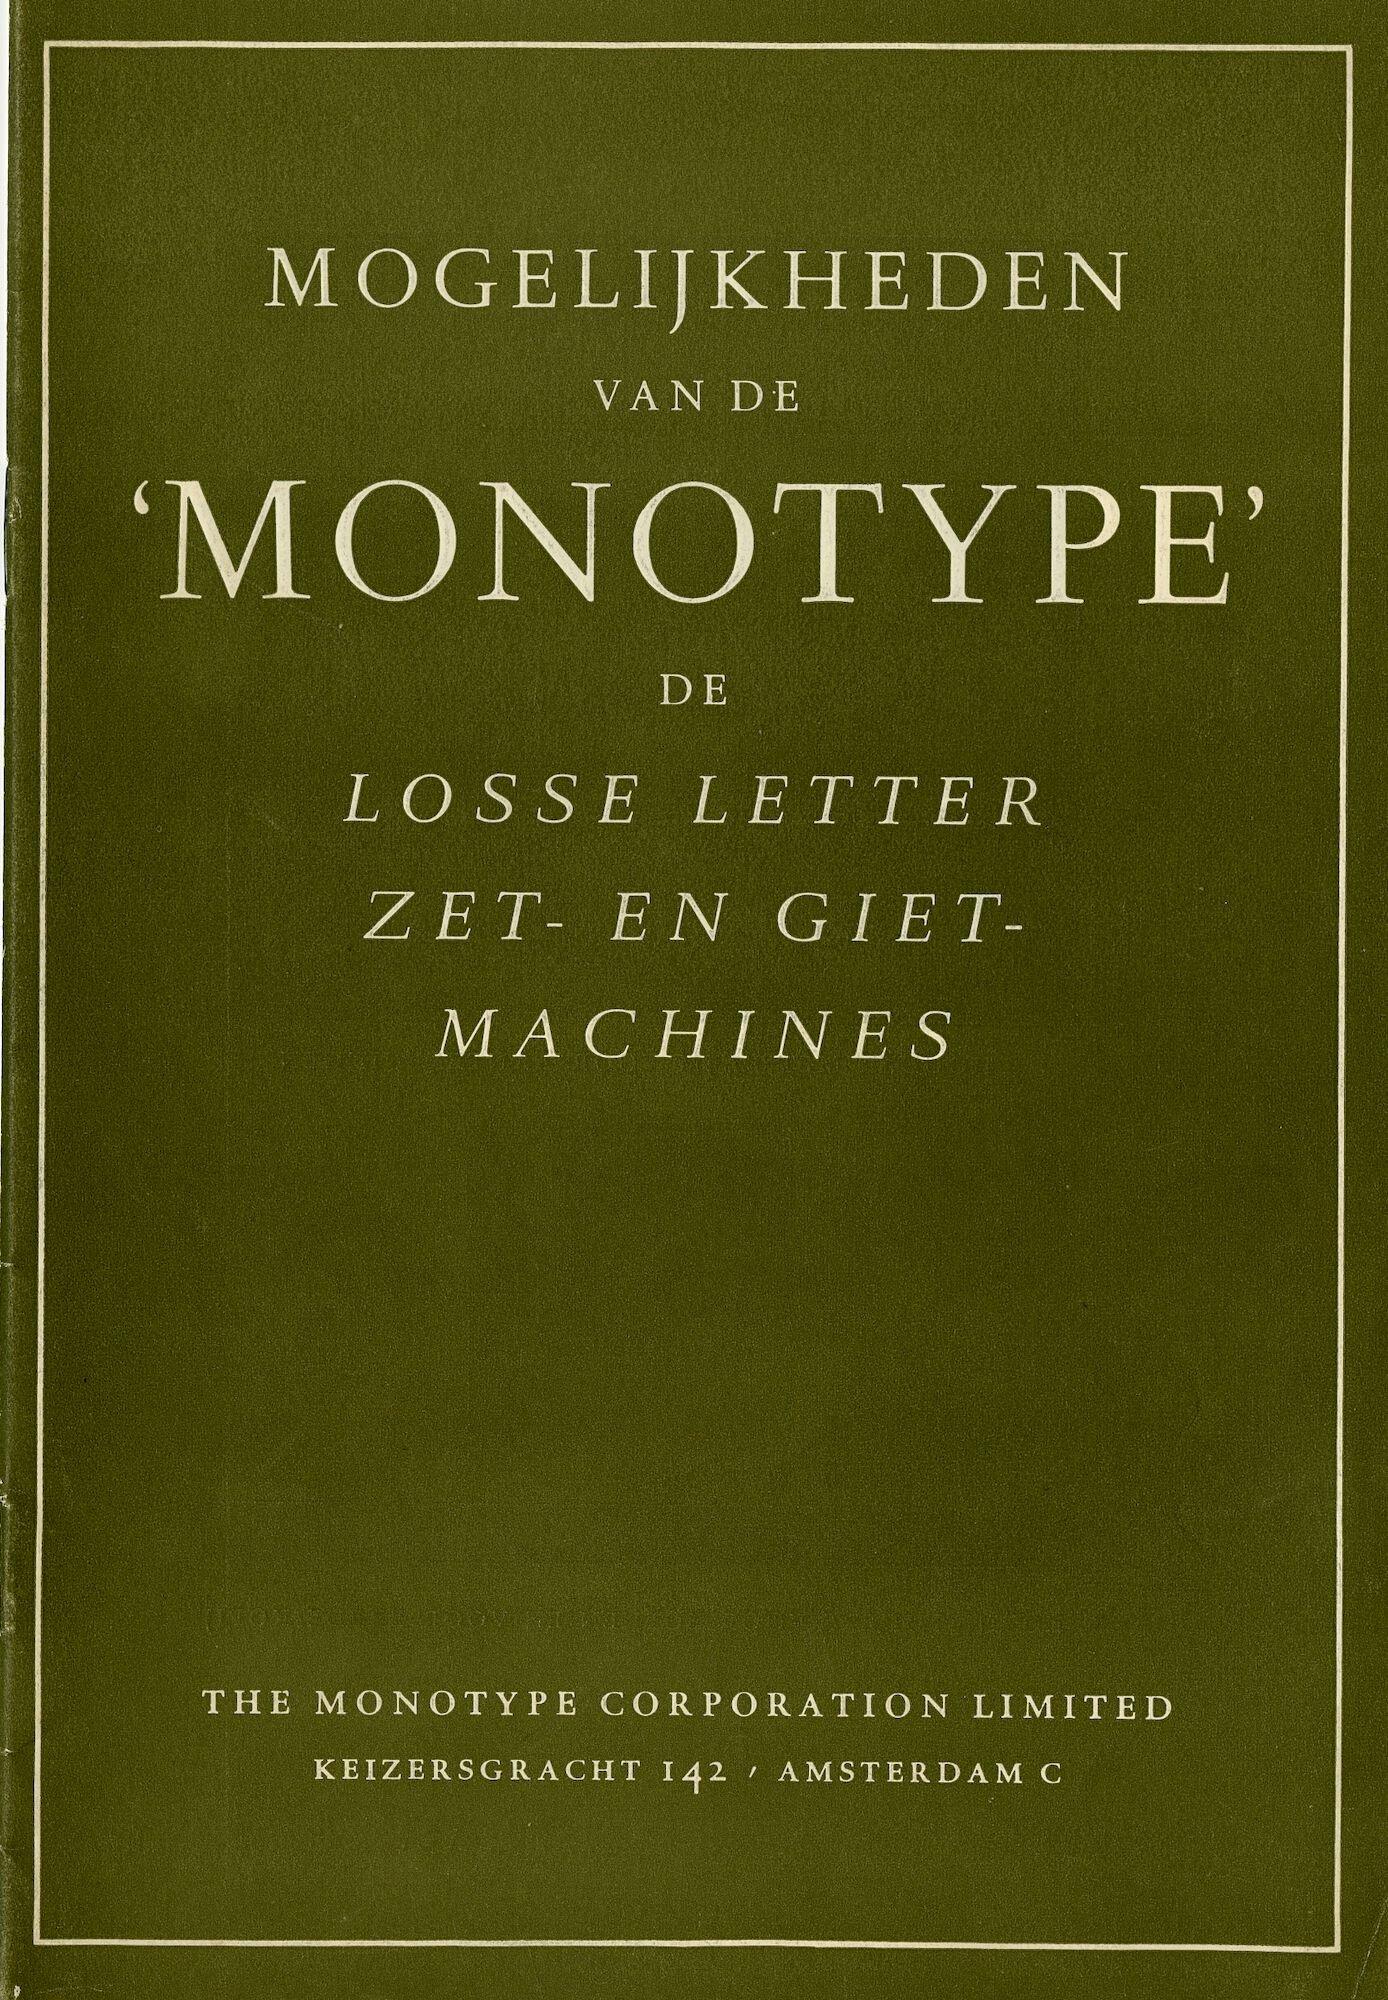 Informatieve brochure over Monotype zetmachine